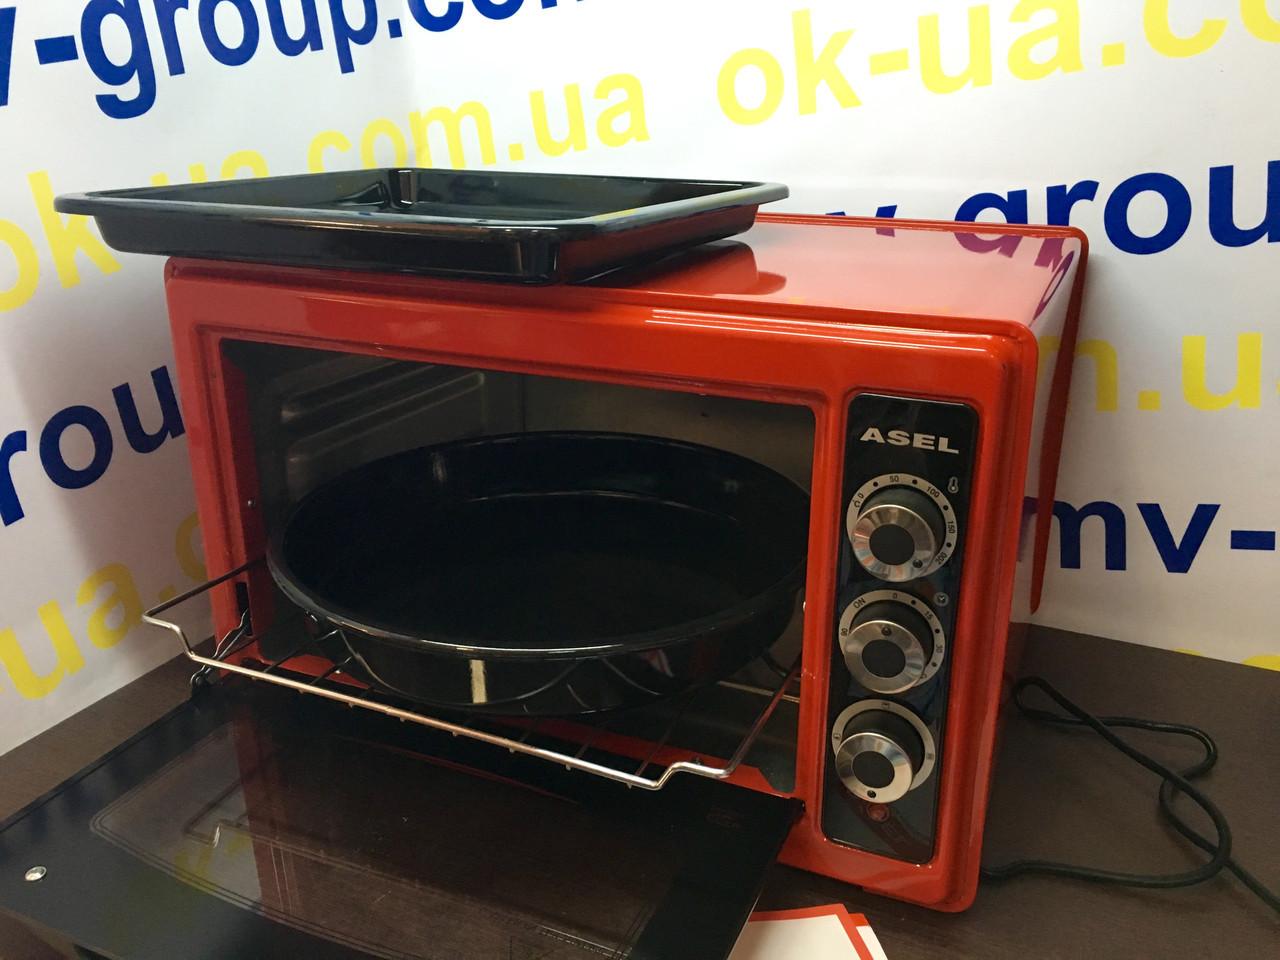 электродуховка asel красная инструкция